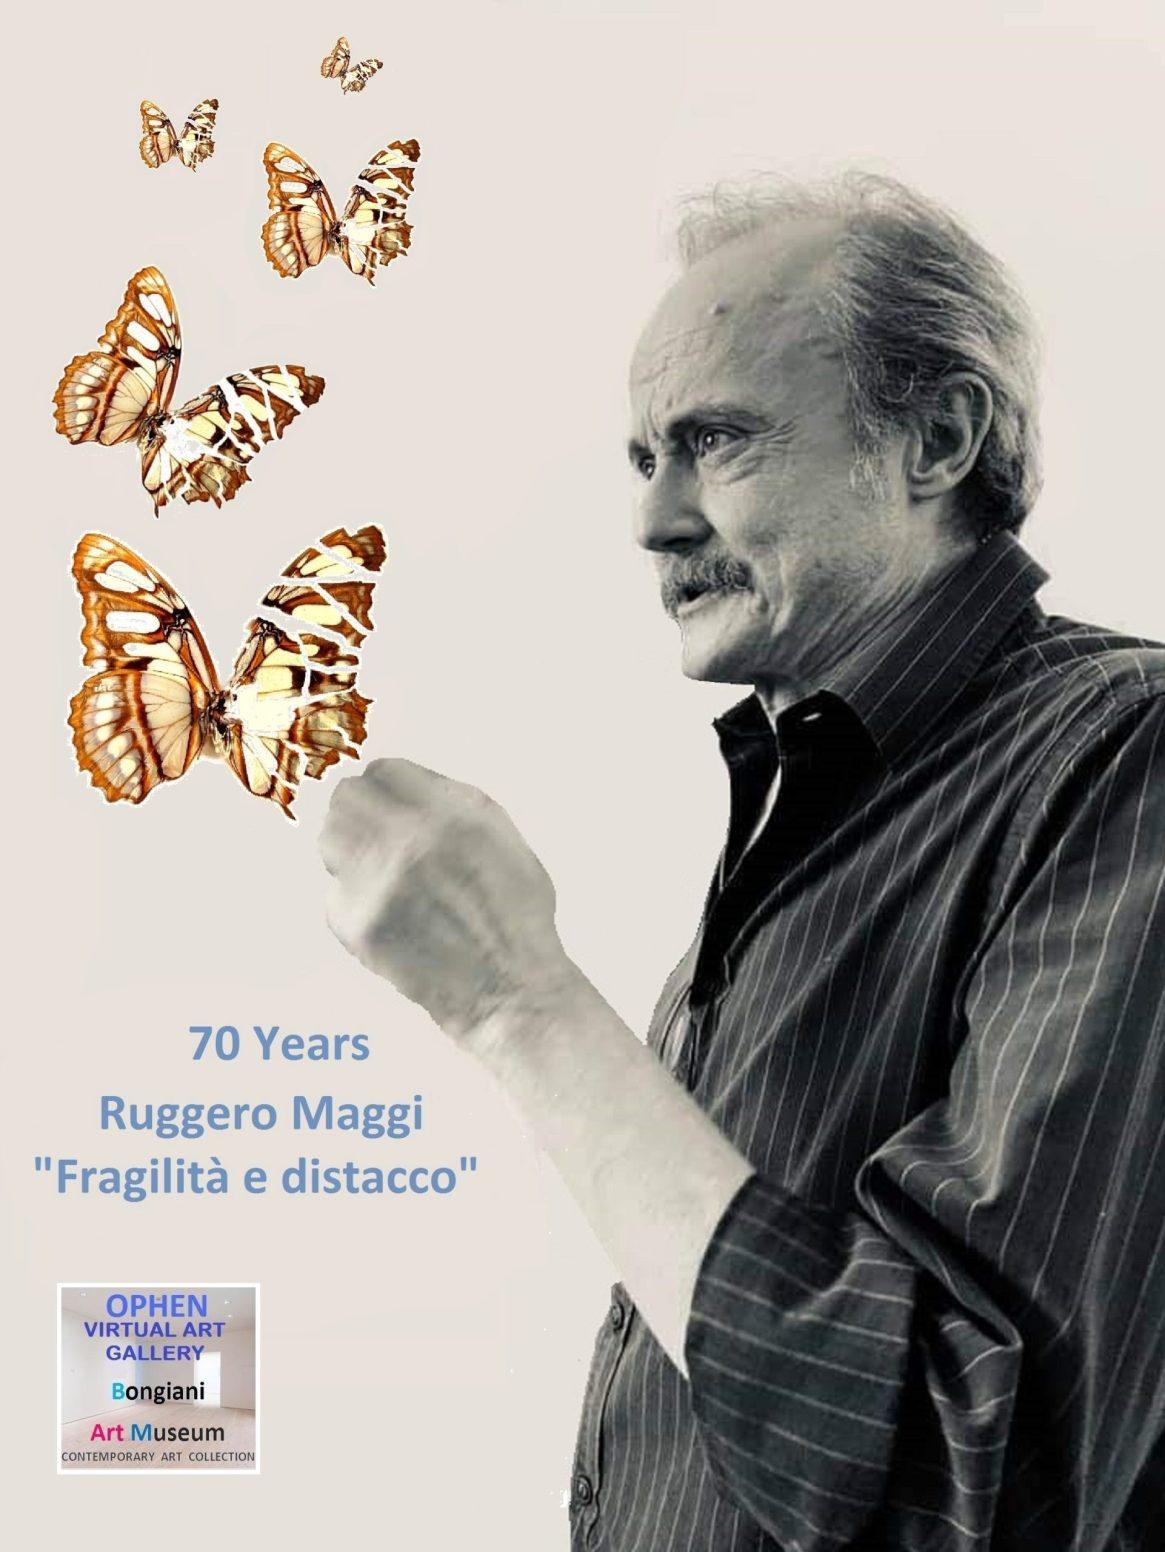 70 Years Ruggero Maggi, Fragilità e distacco, 2020